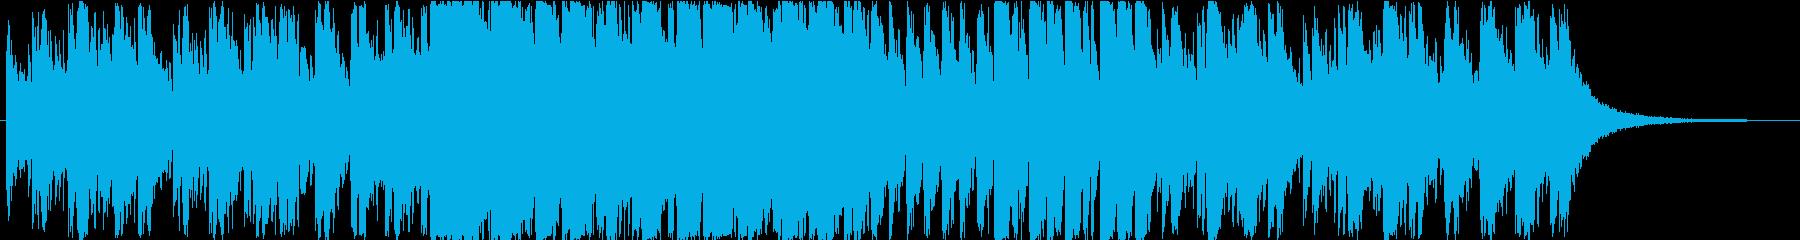 和楽器とフランス映画の融合がテーマの曲の再生済みの波形